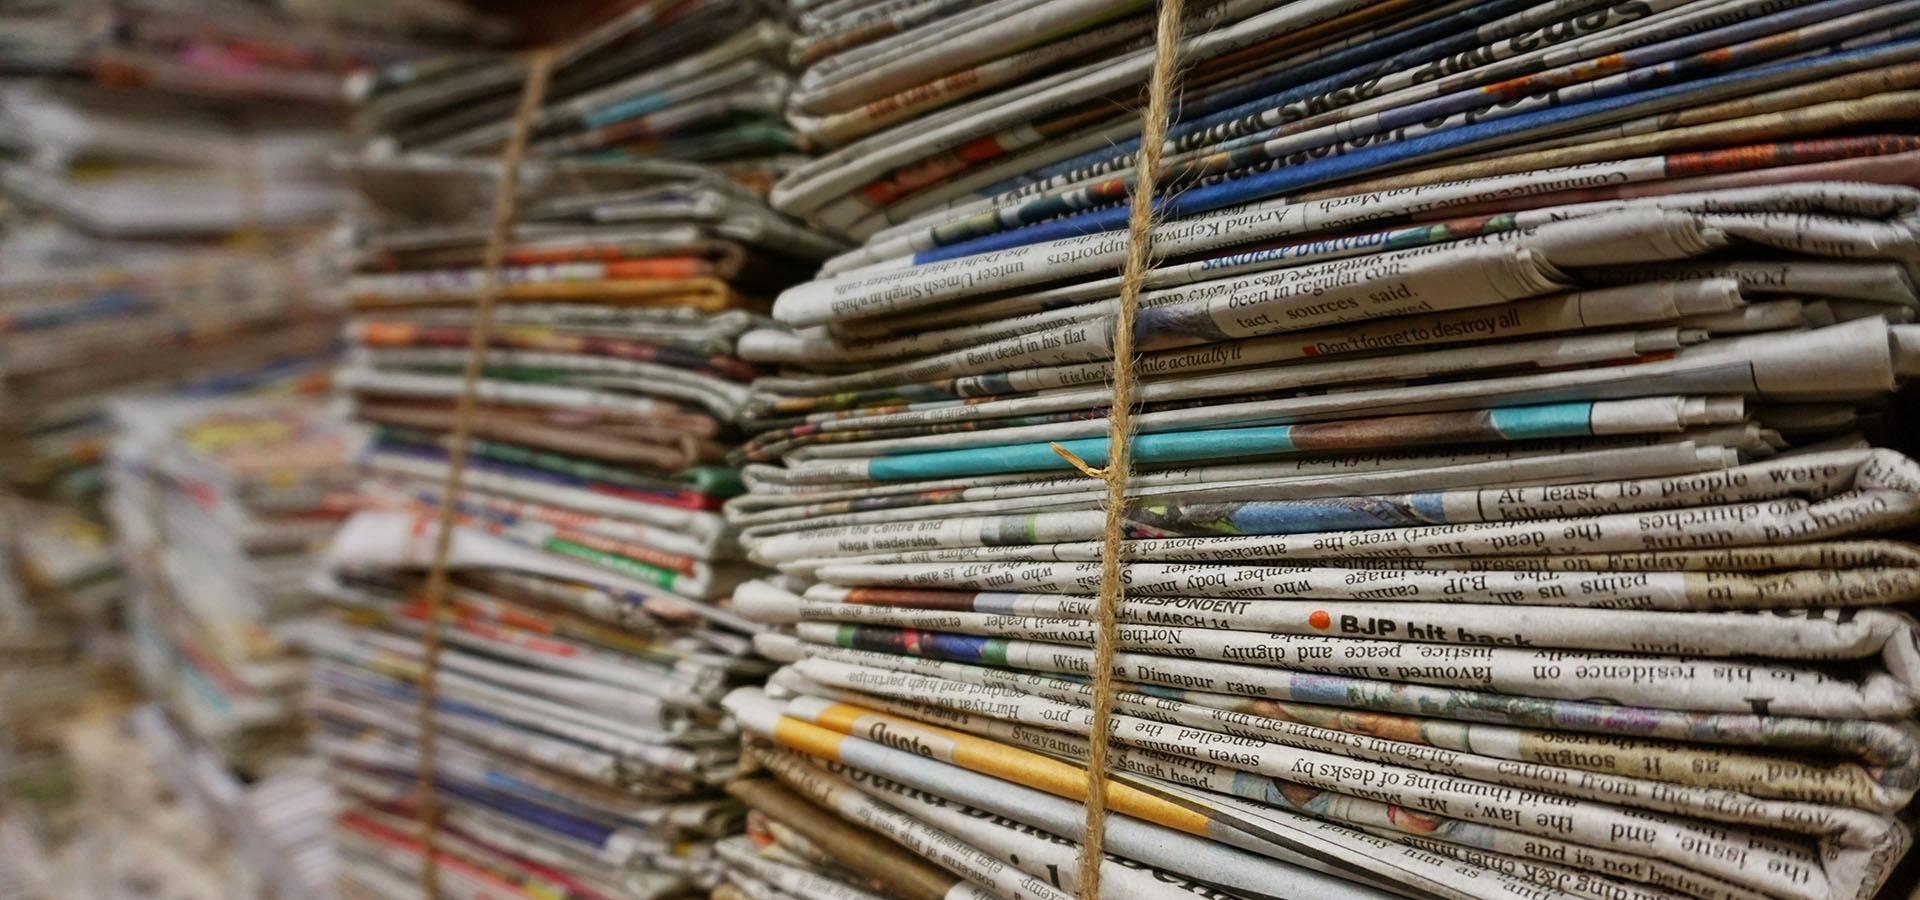 Affald papir og pap